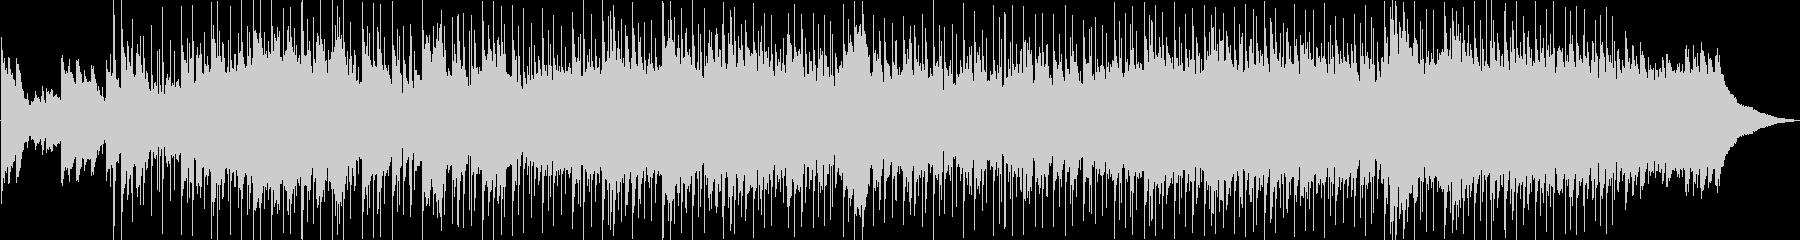 ピアノのメロディー、流れるようなオ...の未再生の波形